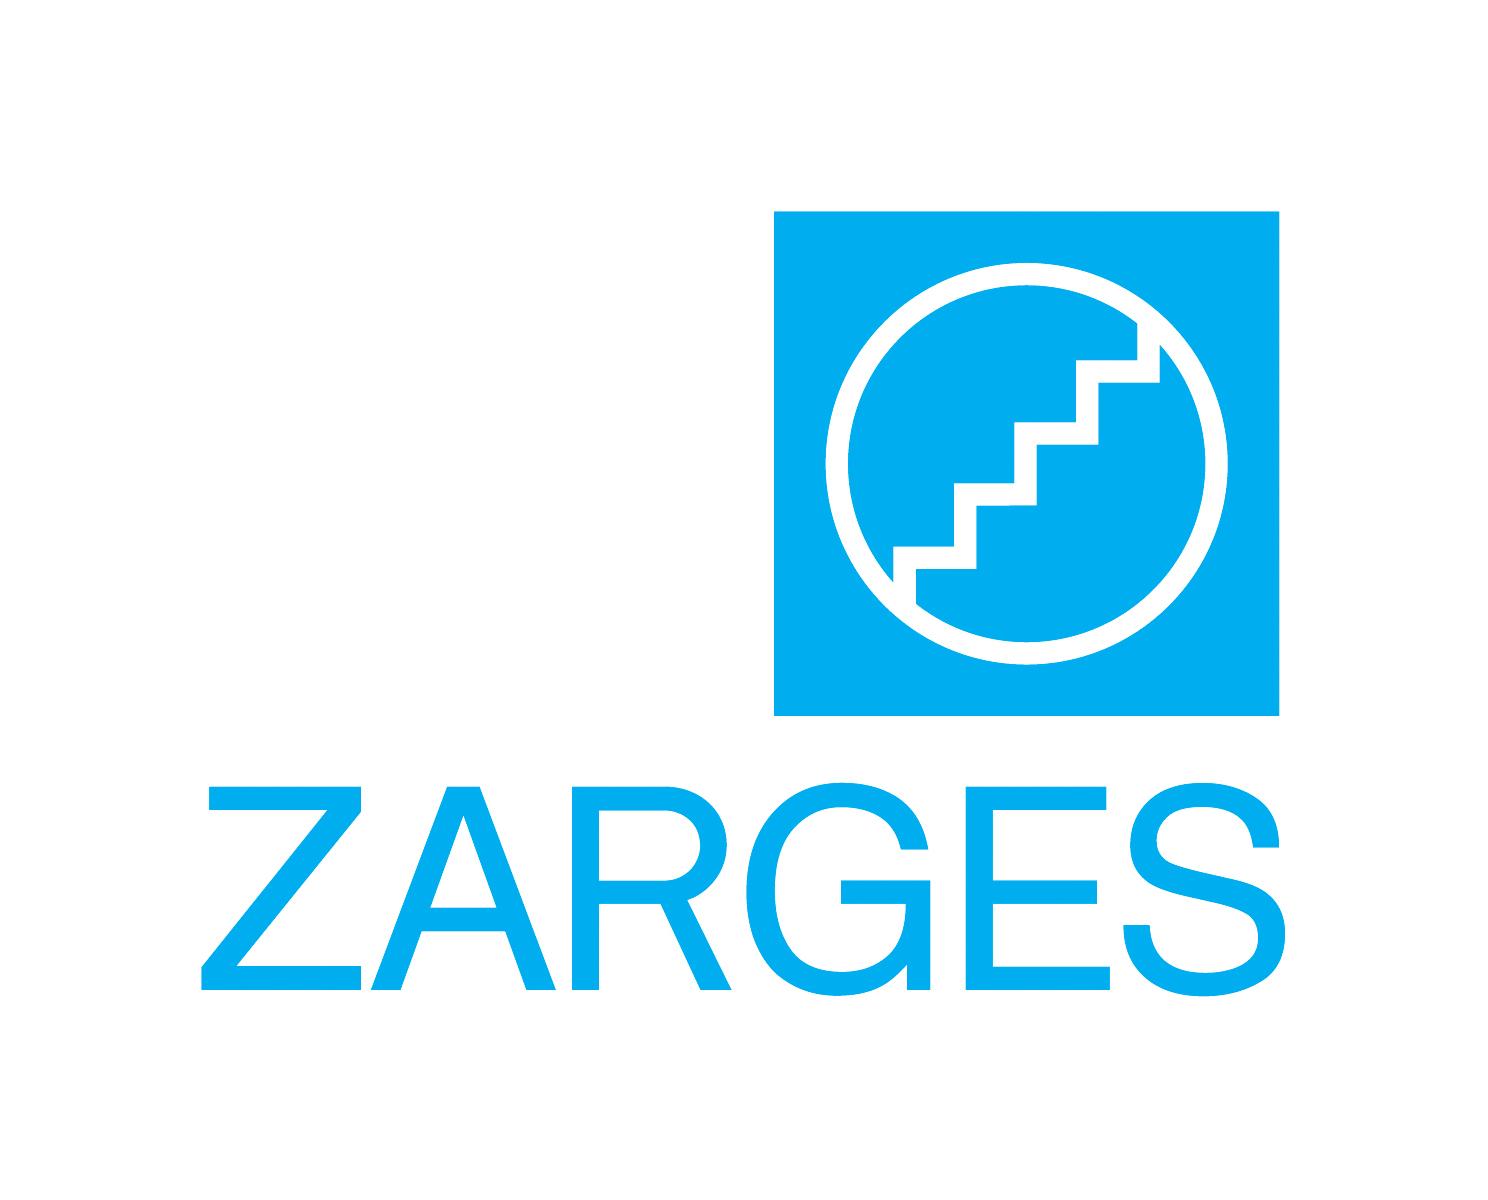 zarges_logo_up_mit_weissraum